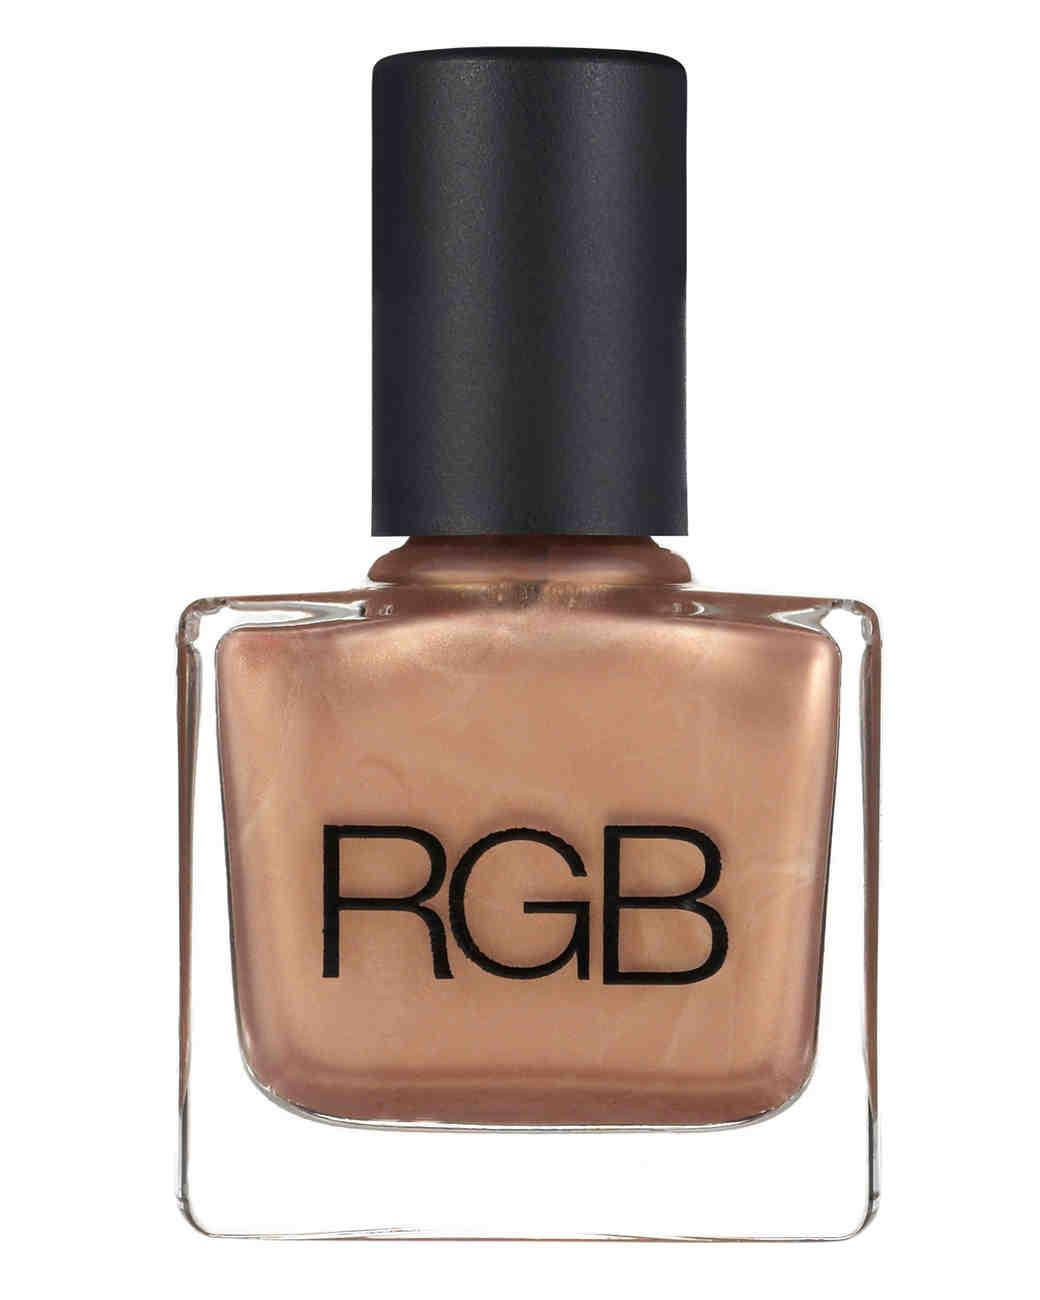 rgb-nail-polish.jpg